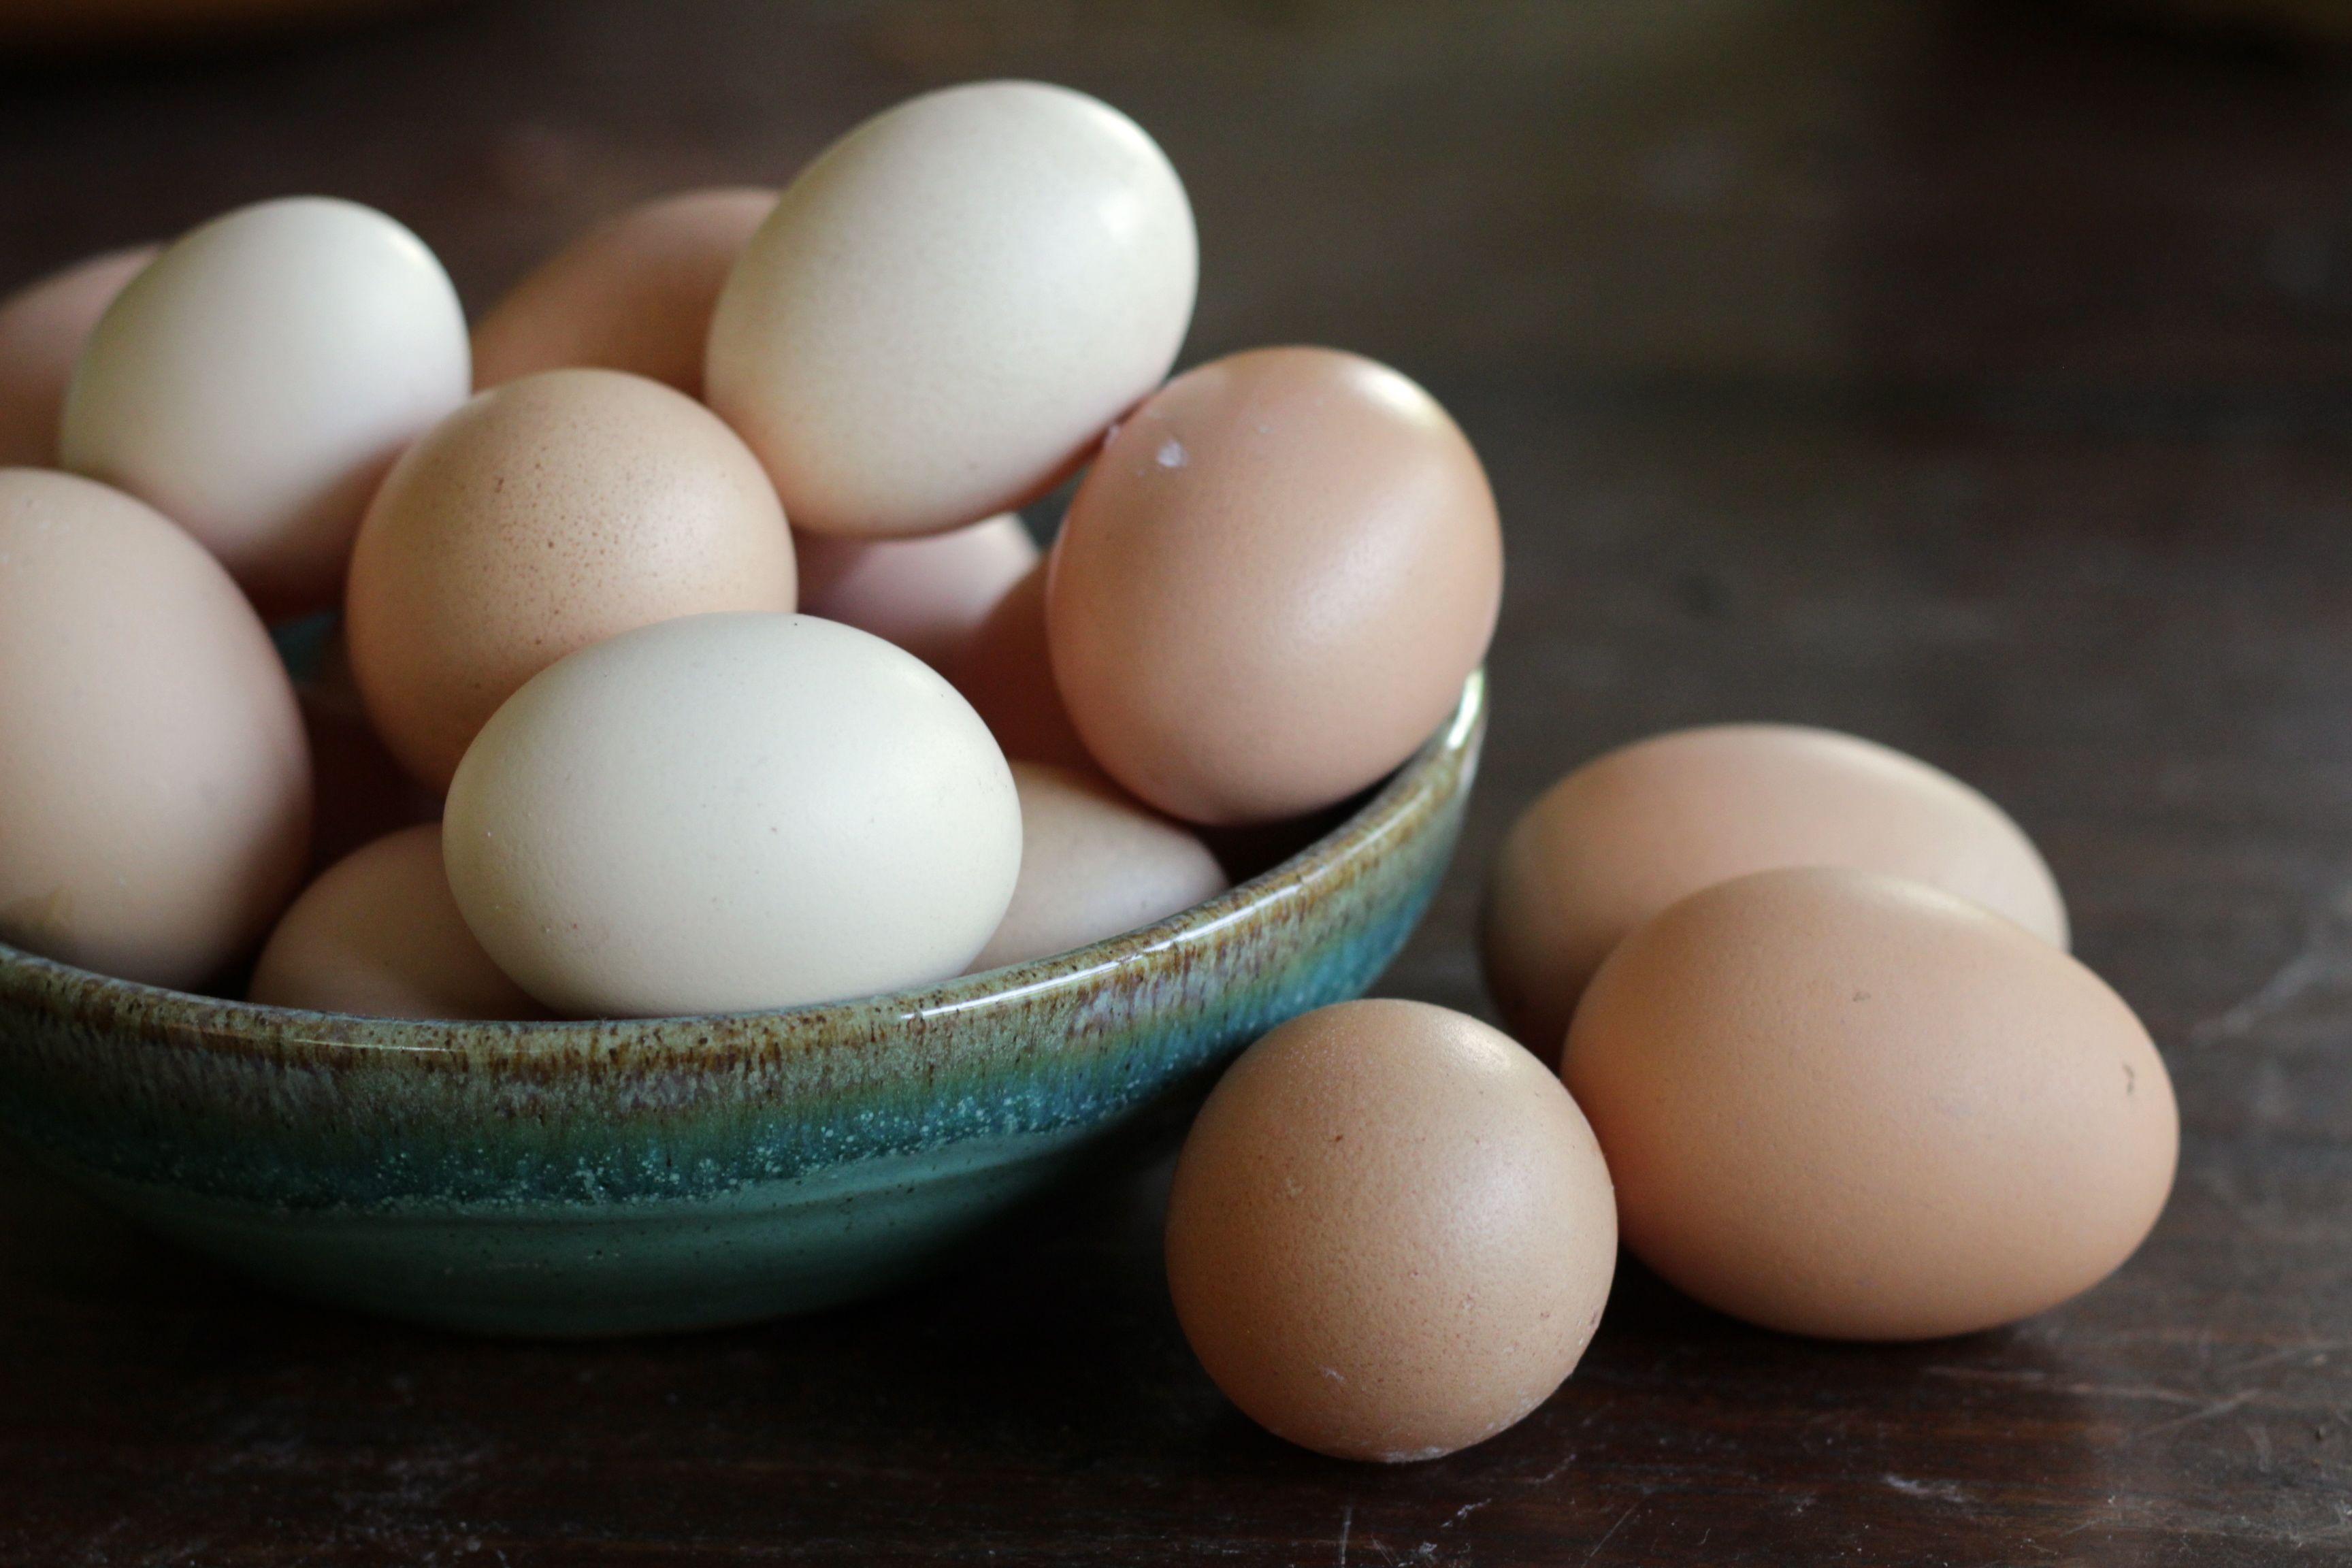 Trứng gà được đánh giá là thực phẩm rất có lợi cho sức khỏe, đặc biệt cho các đối tượng bị yếu sinh lý